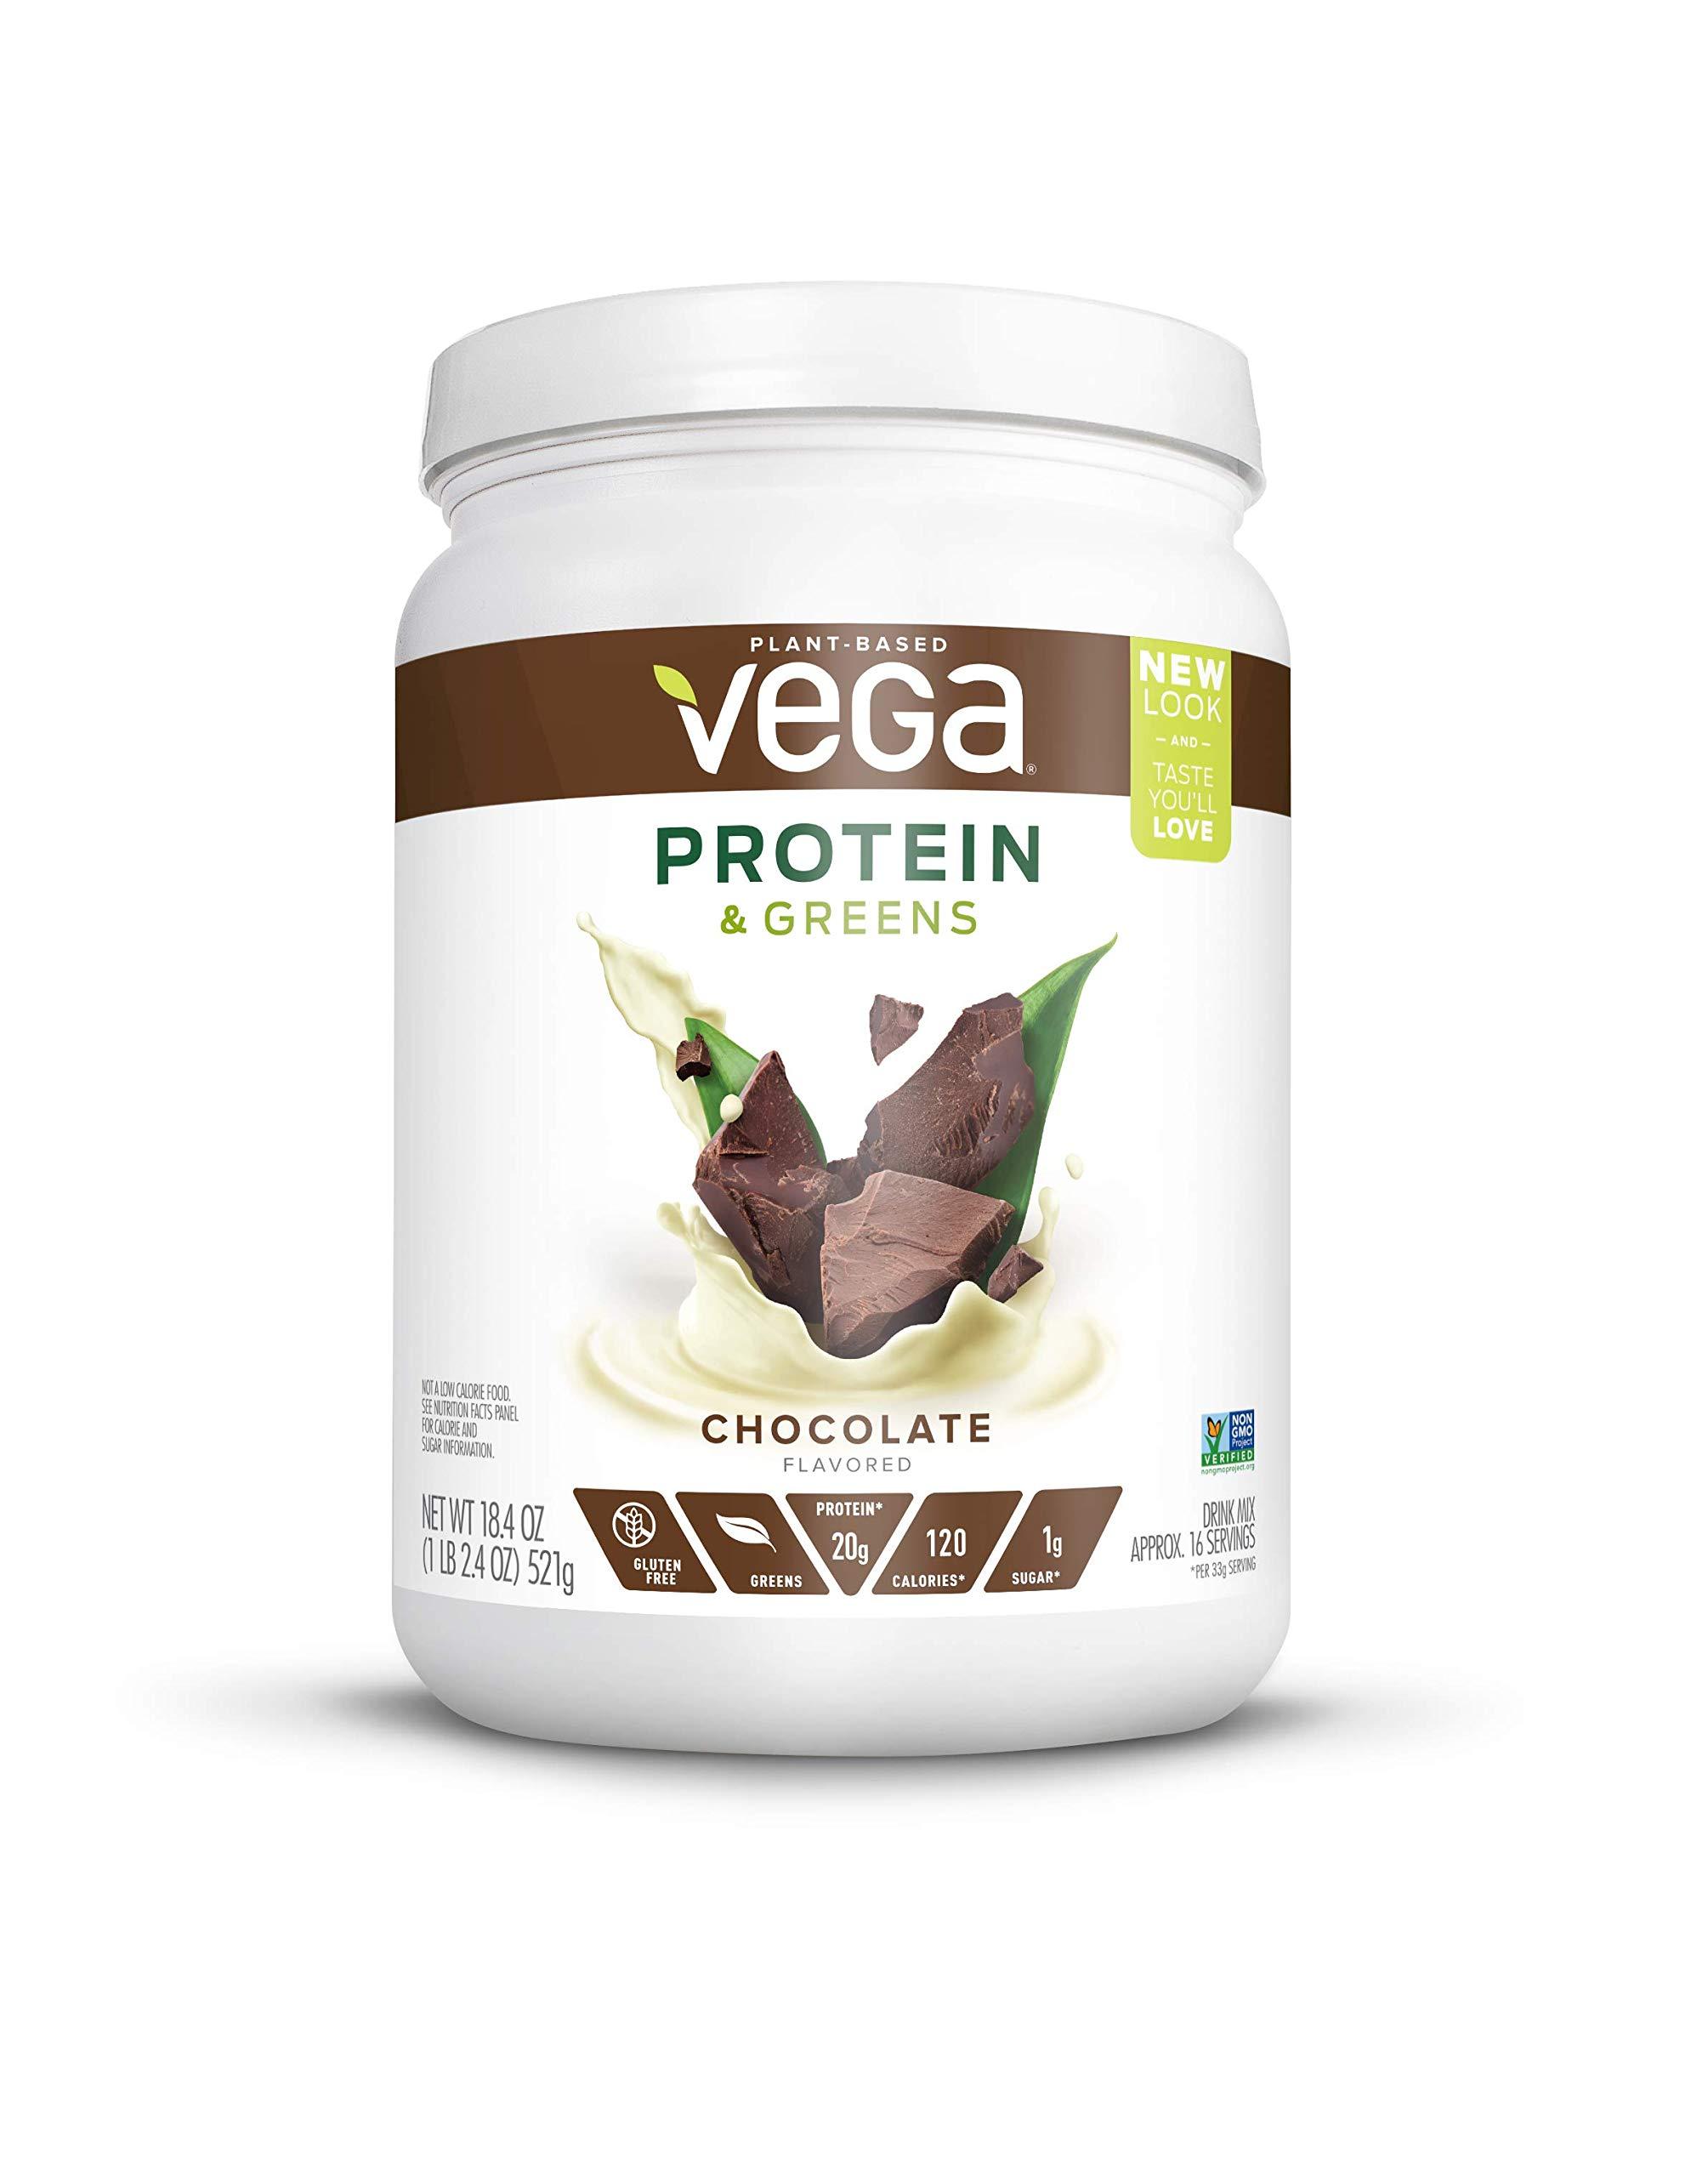 Vega Protein & Greens Tub Powder Chocolate 18.4 Ounce - Plant Based Protein Powder, Gluten Free, Non Dairy, Vegan, Non Soy, Non GMO by Vega